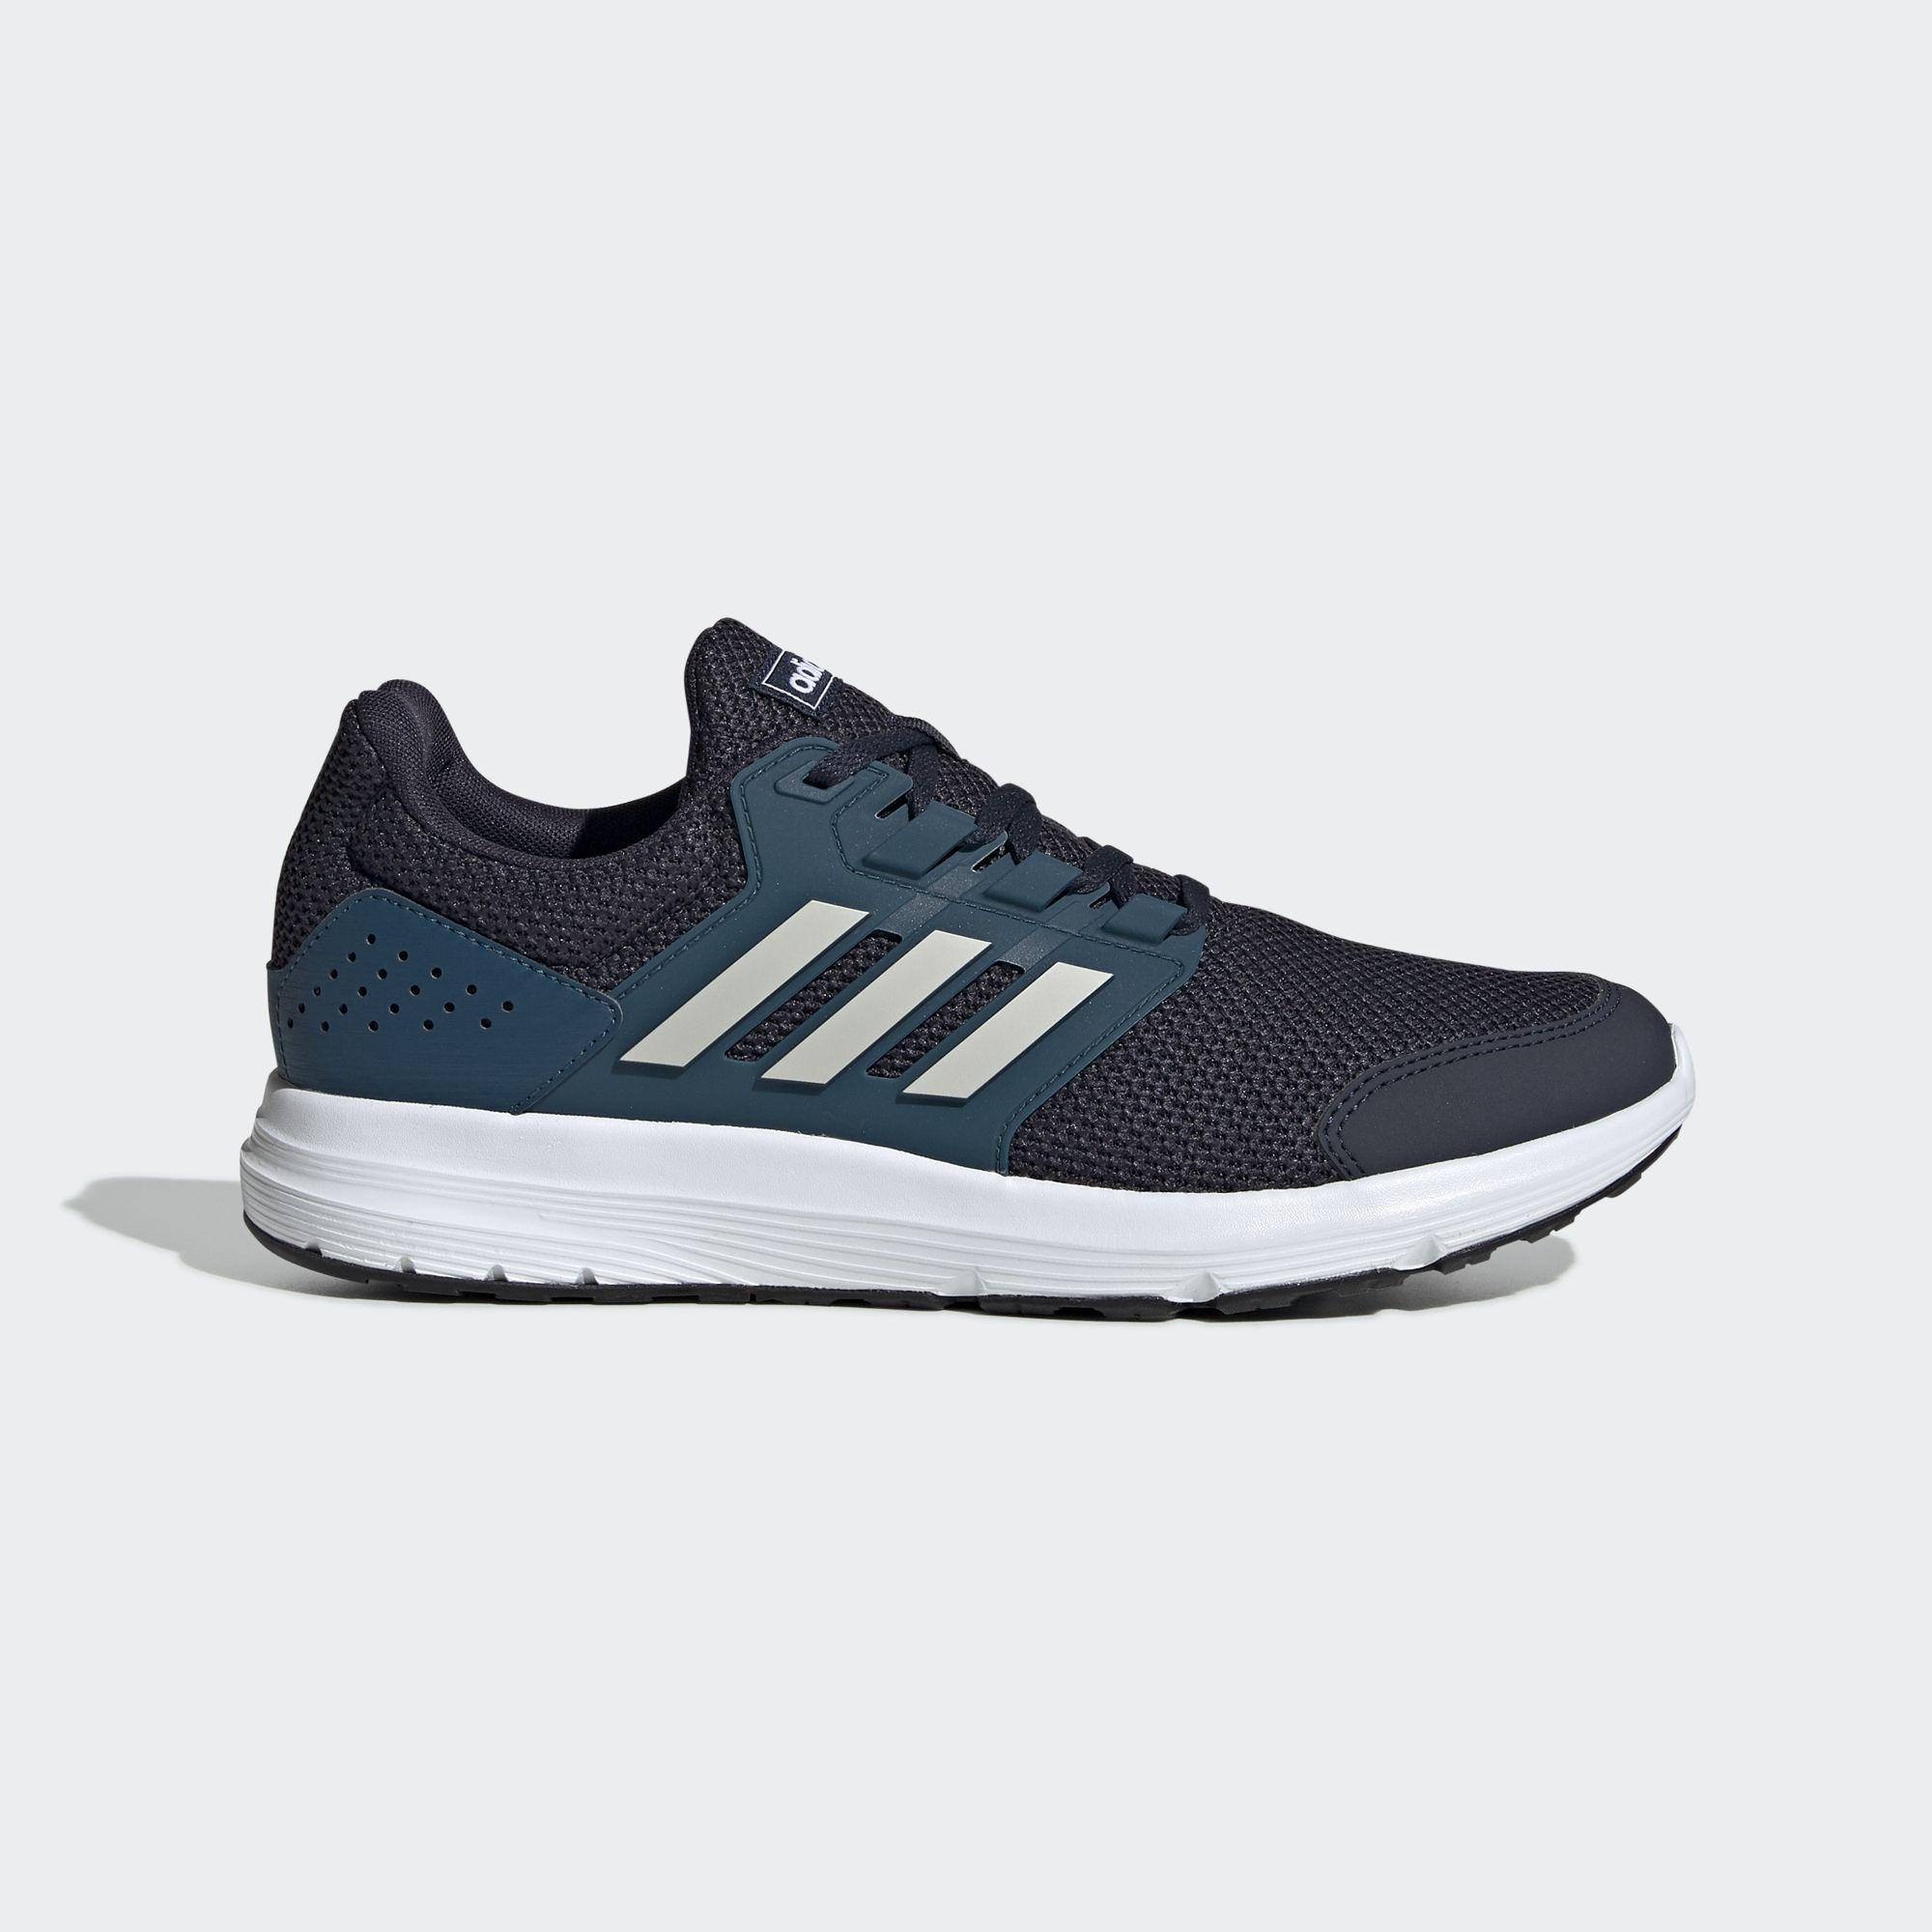 Voucher tại Lazada cho Adidas RUNNING Giày Galaxy 4 Nam Màu Xanh Dương EG8377